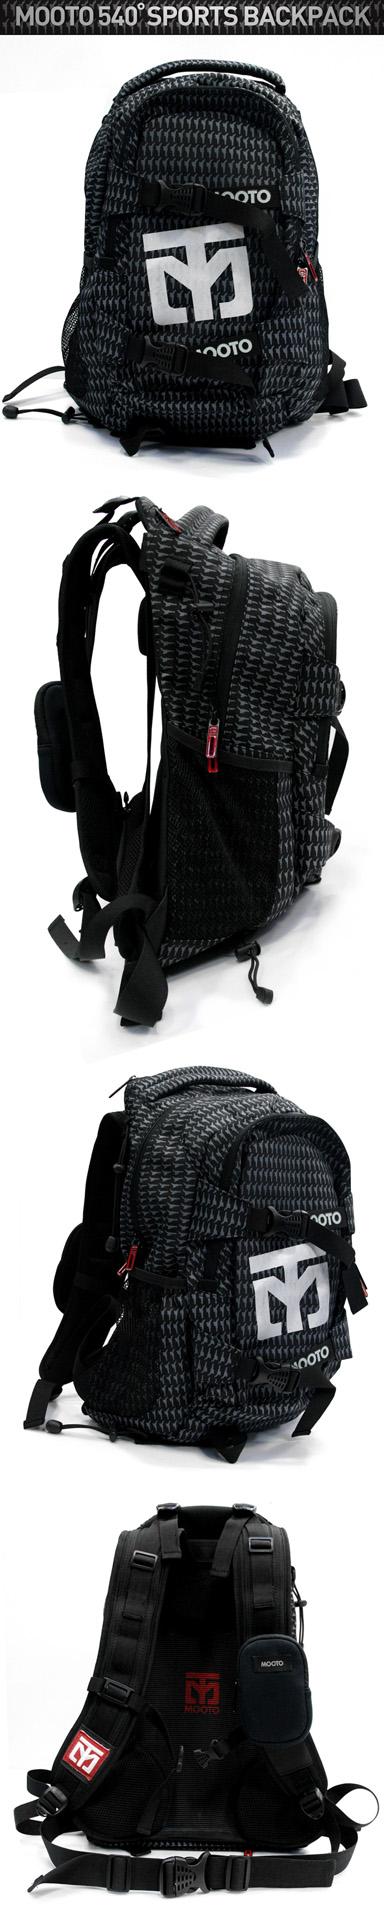 Mooto 540 Backpacks